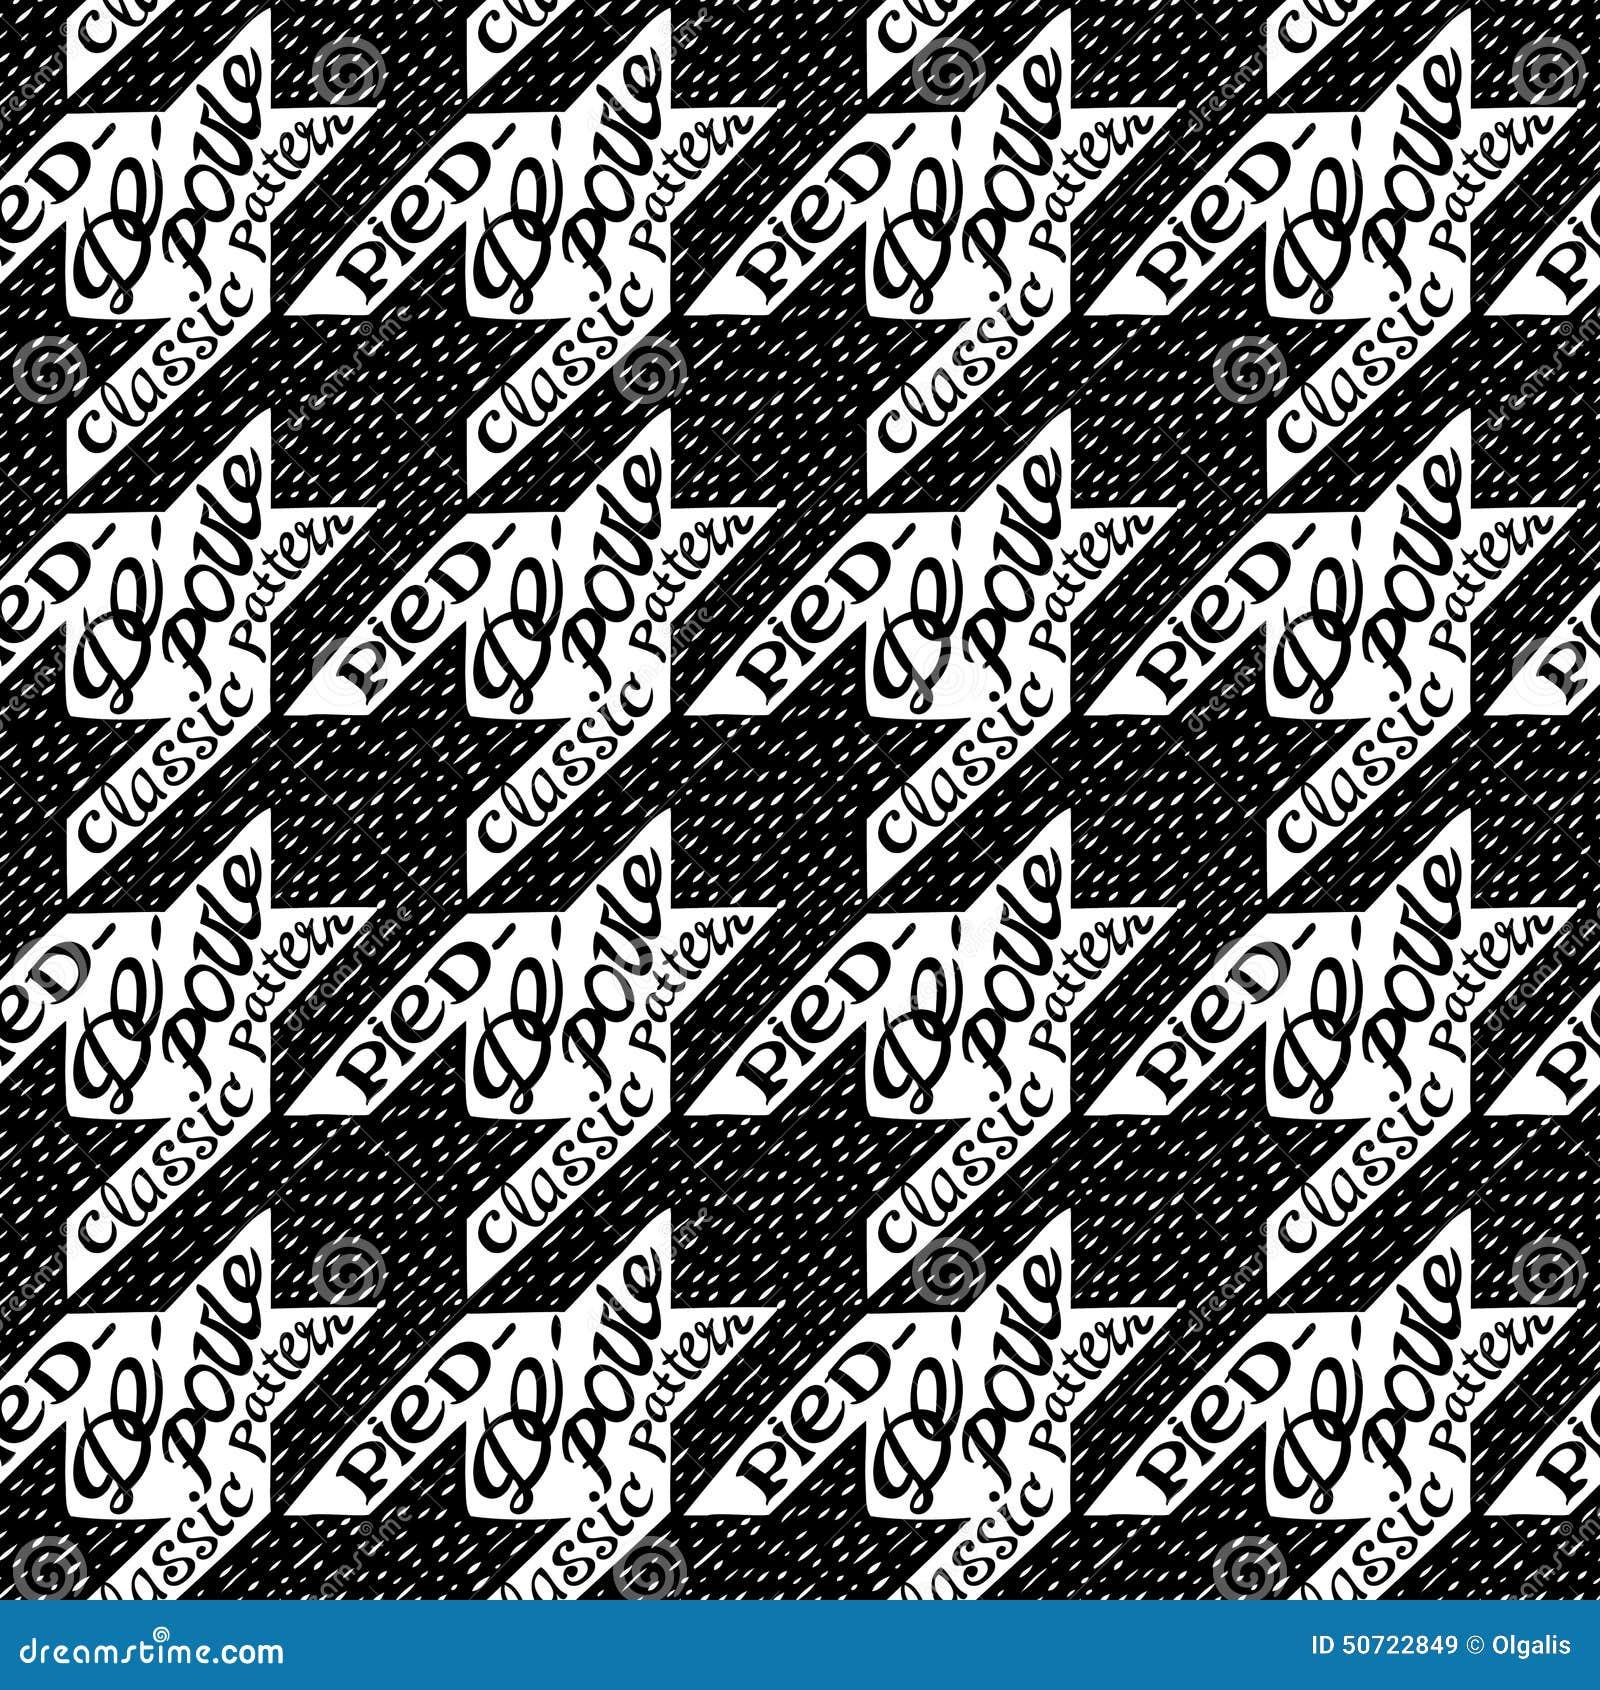 Seamless classic fabric houndstooth pied de poule pattern stock vector ima - Pied de coq pied de poule ...